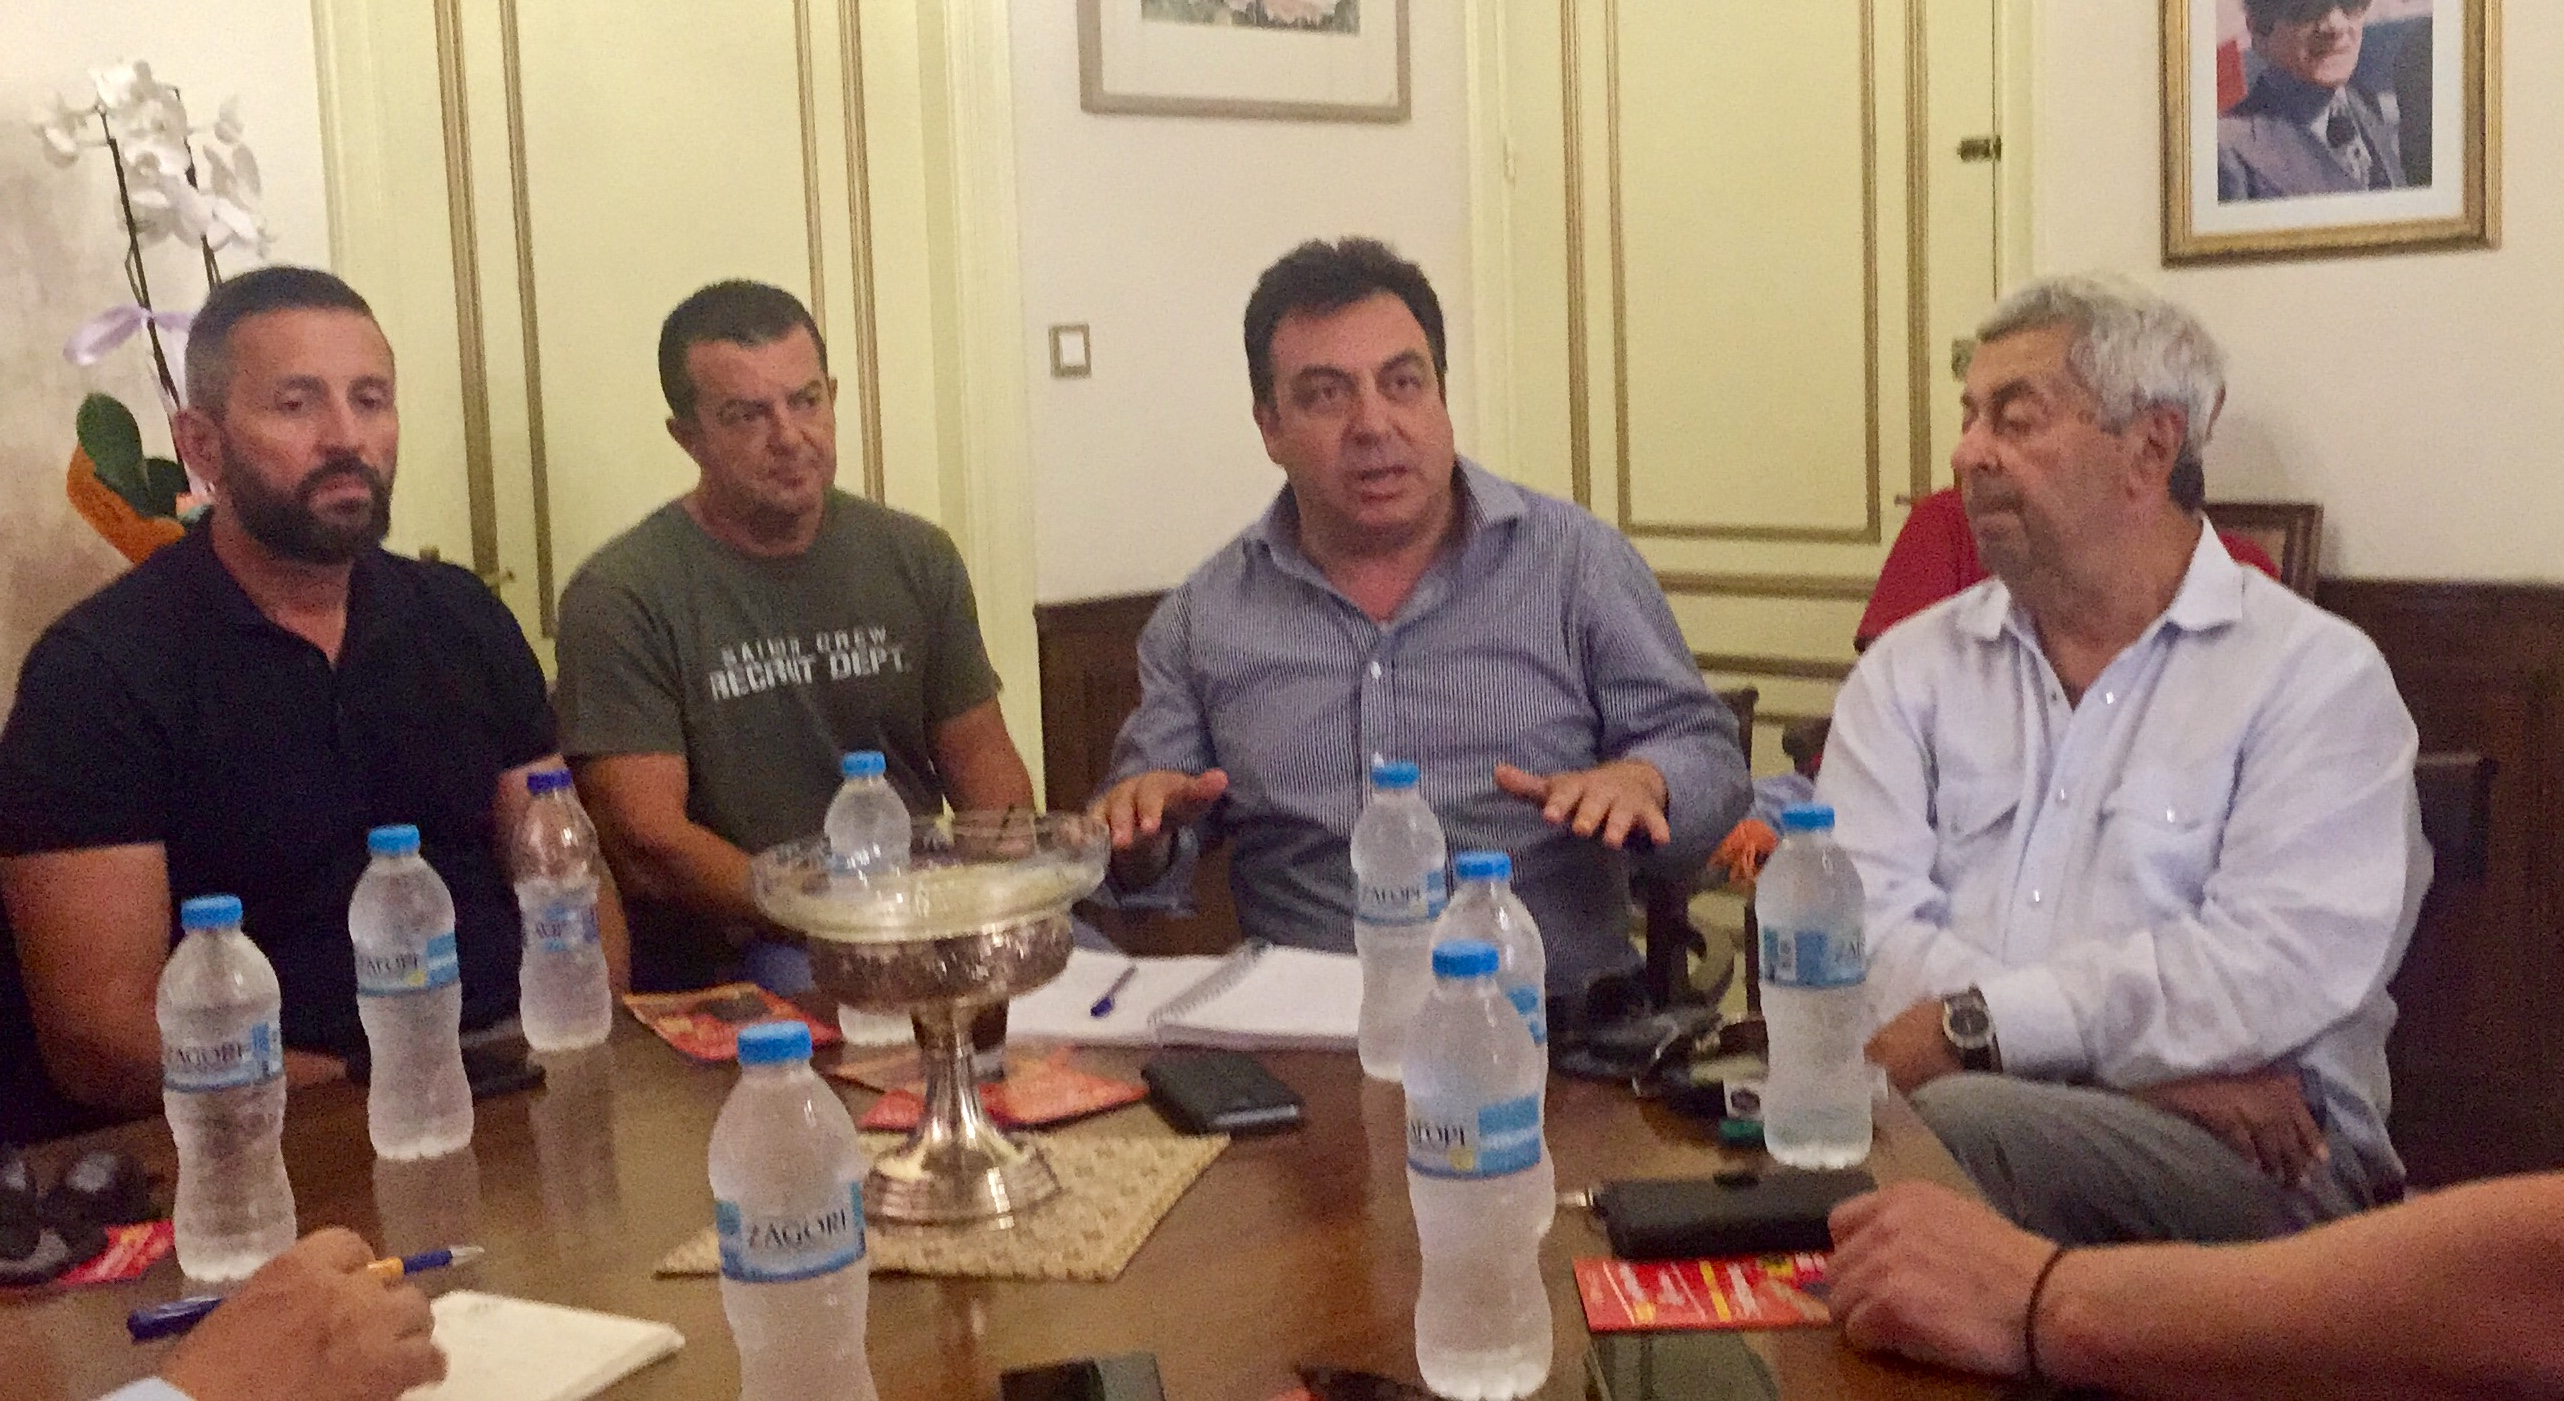 Ο δήμος Πύργου σε τροχιά τουριστικής ανάπτυξης - Συνάντηση Τάκη Αντωνακόπουλου με εκπροσώπους φορέων (photos)